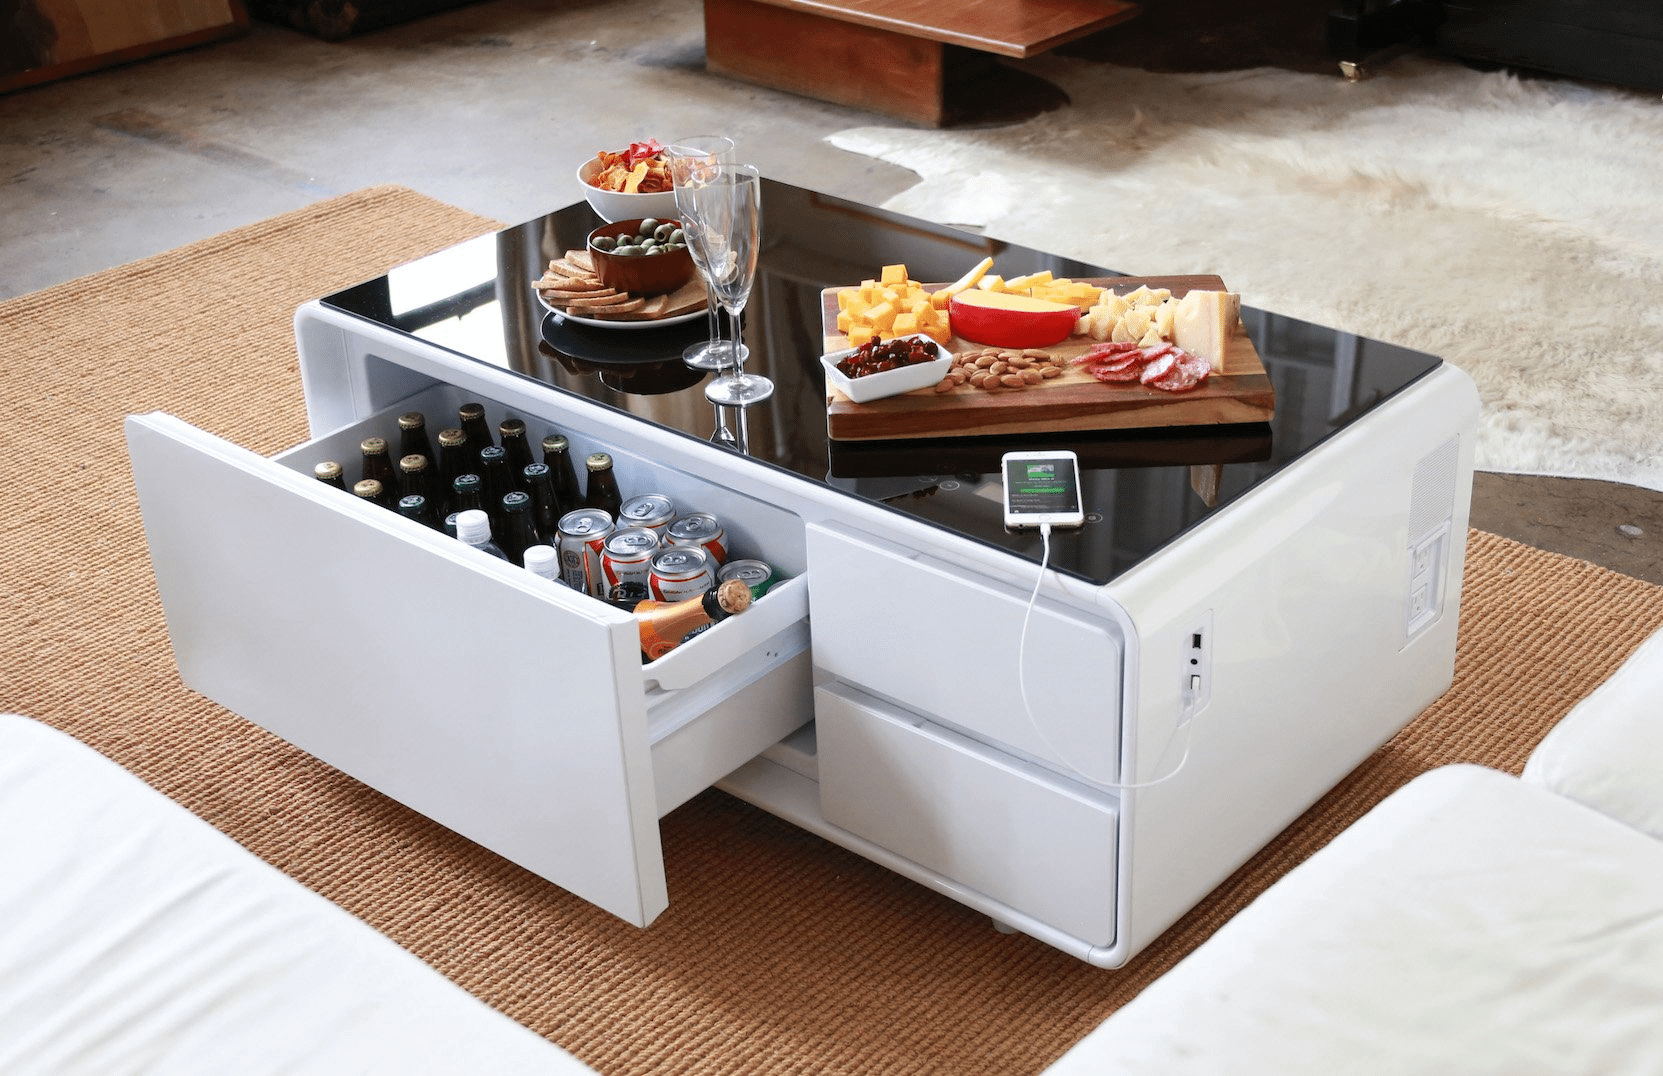 sobro02 - Conheça uma mesa de centro com USB, player de música, frigobar e tomadas